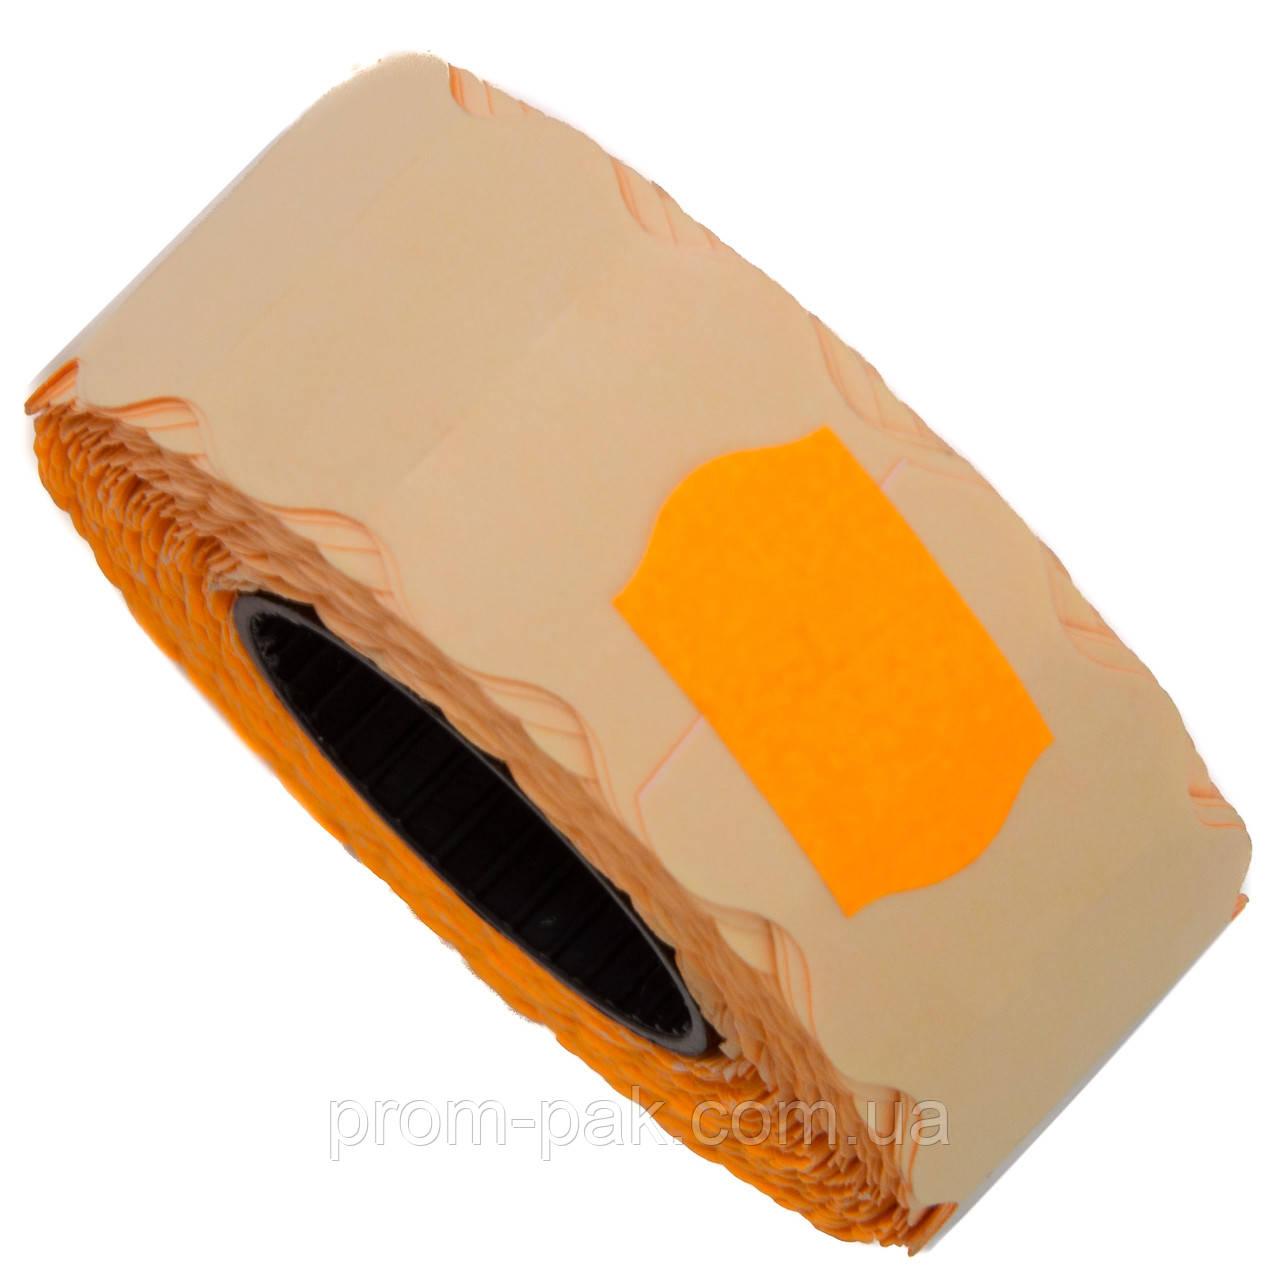 Ценник (лента) 22х12(1000) фигурный, оранжевый